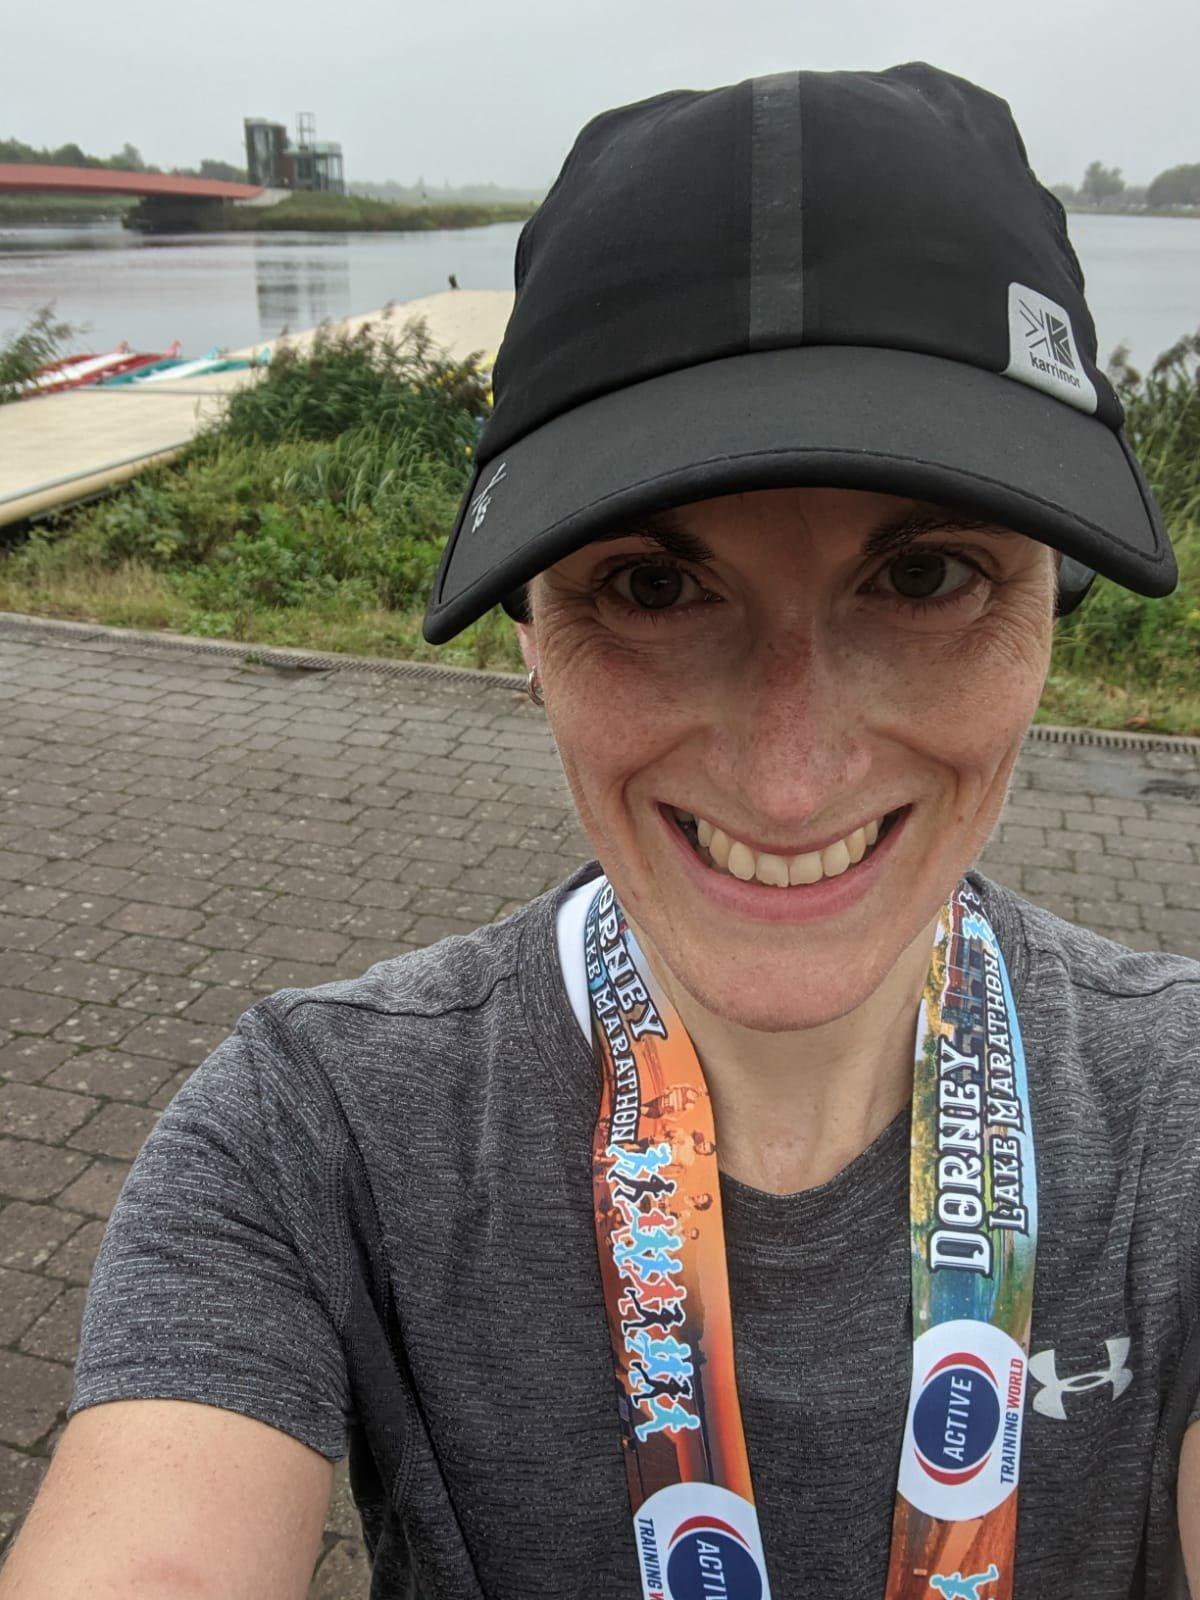 Support Ellie's Marathon Run